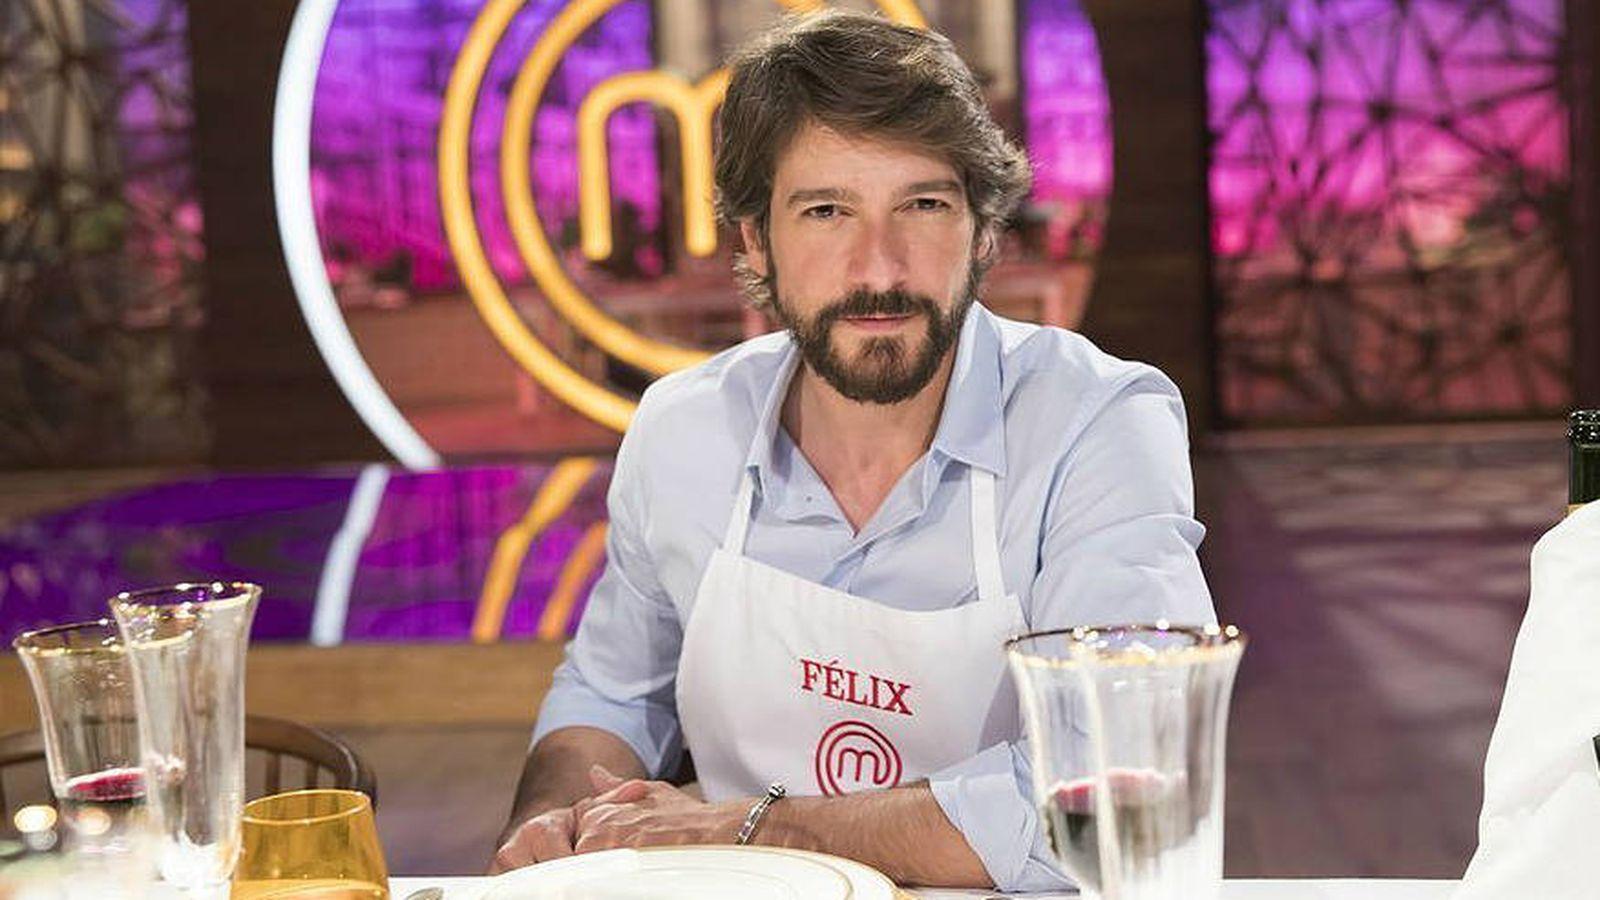 Foto: Félix Gómez, concursante de 'MC Celebrity'. (RTVE)